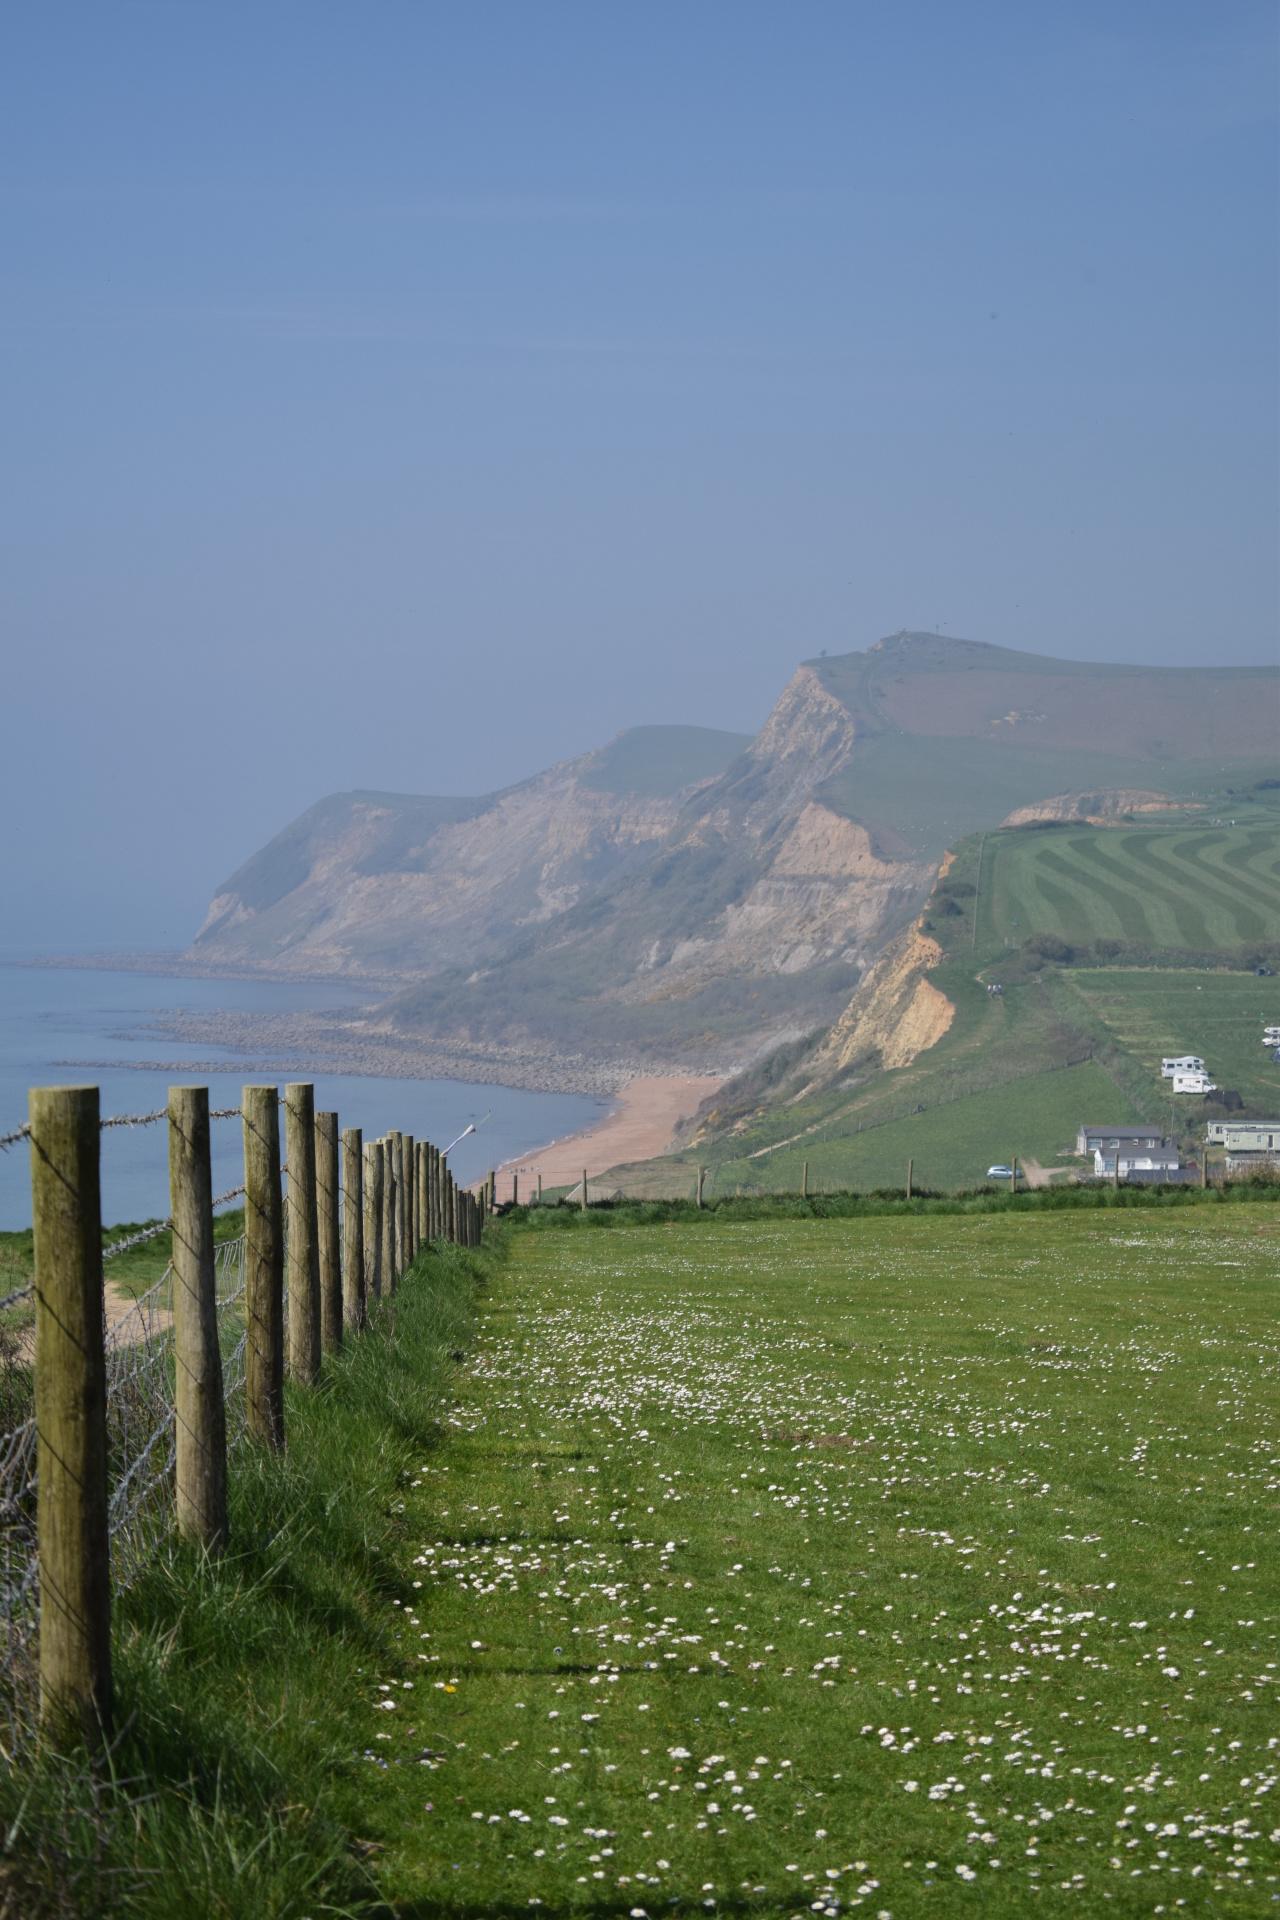 West Bay, Dorset, UK